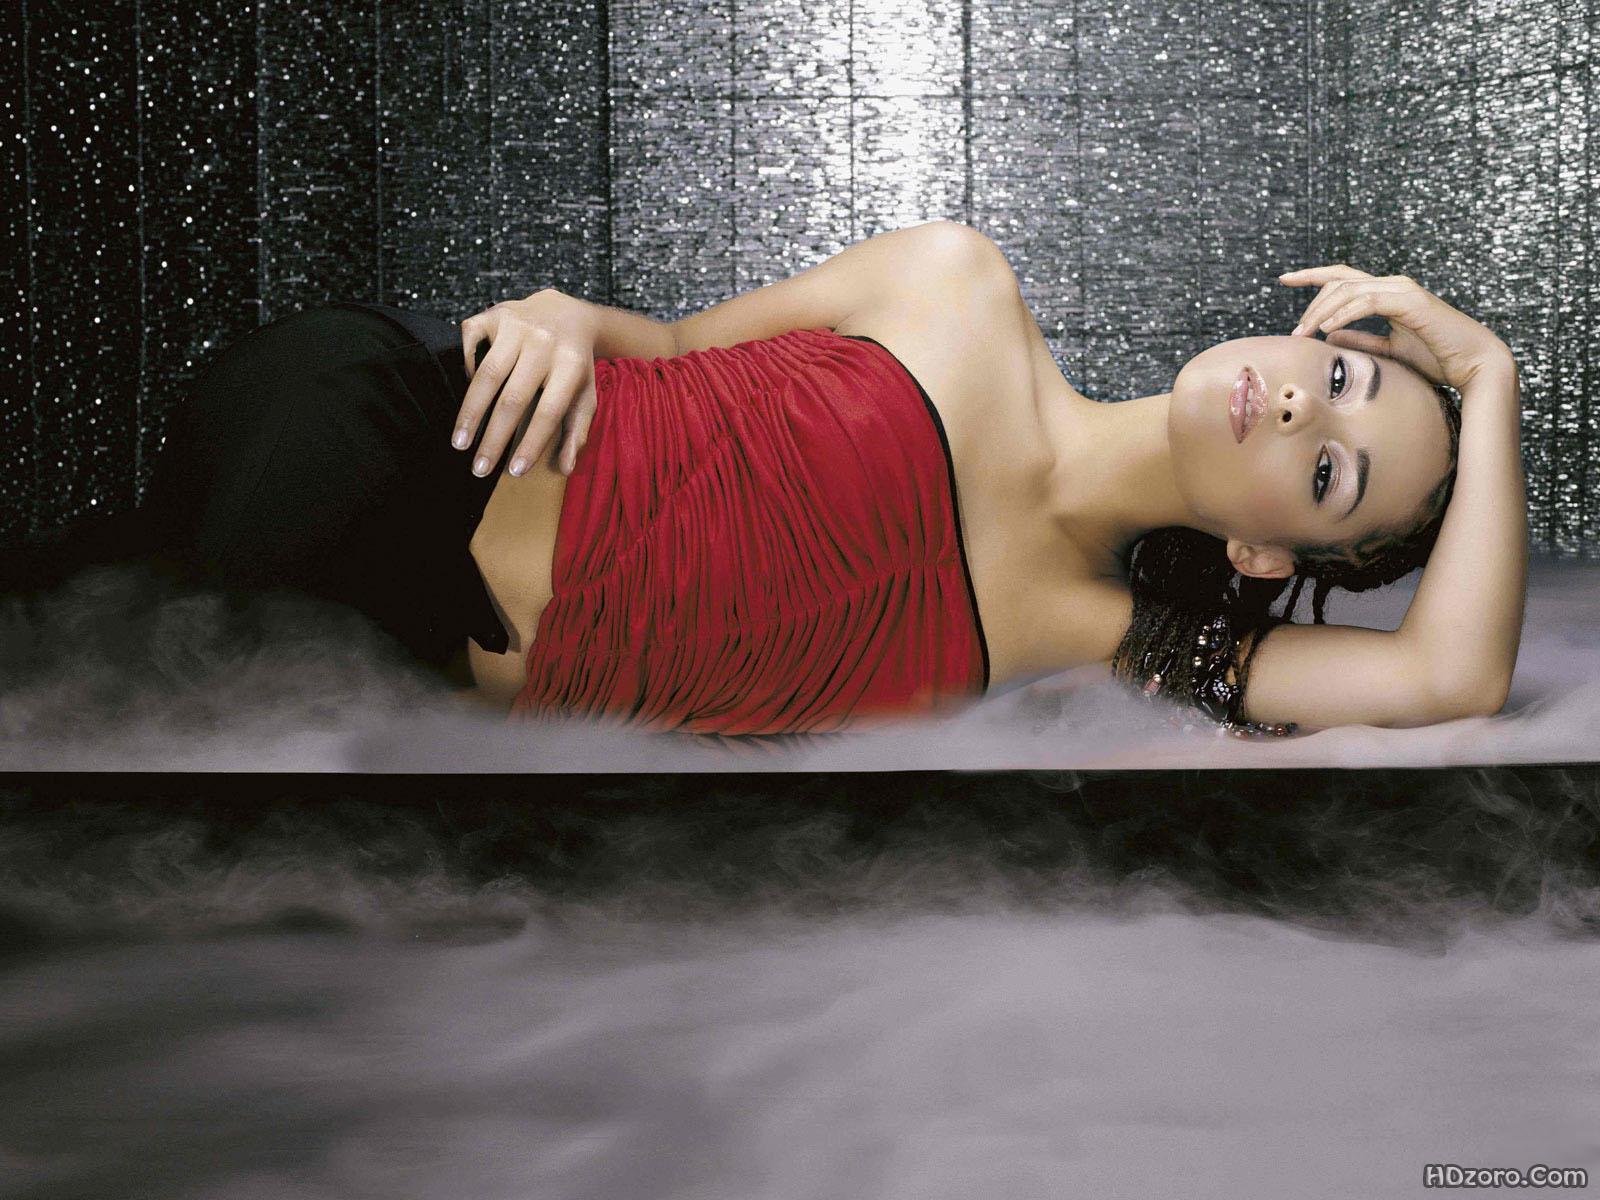 http://4.bp.blogspot.com/-RZf_7KE9A6Q/UTyRE_C3atI/AAAAAAAAPGI/ggBbwtc0eJc/s1600/Alicia+Keys+12.jpg